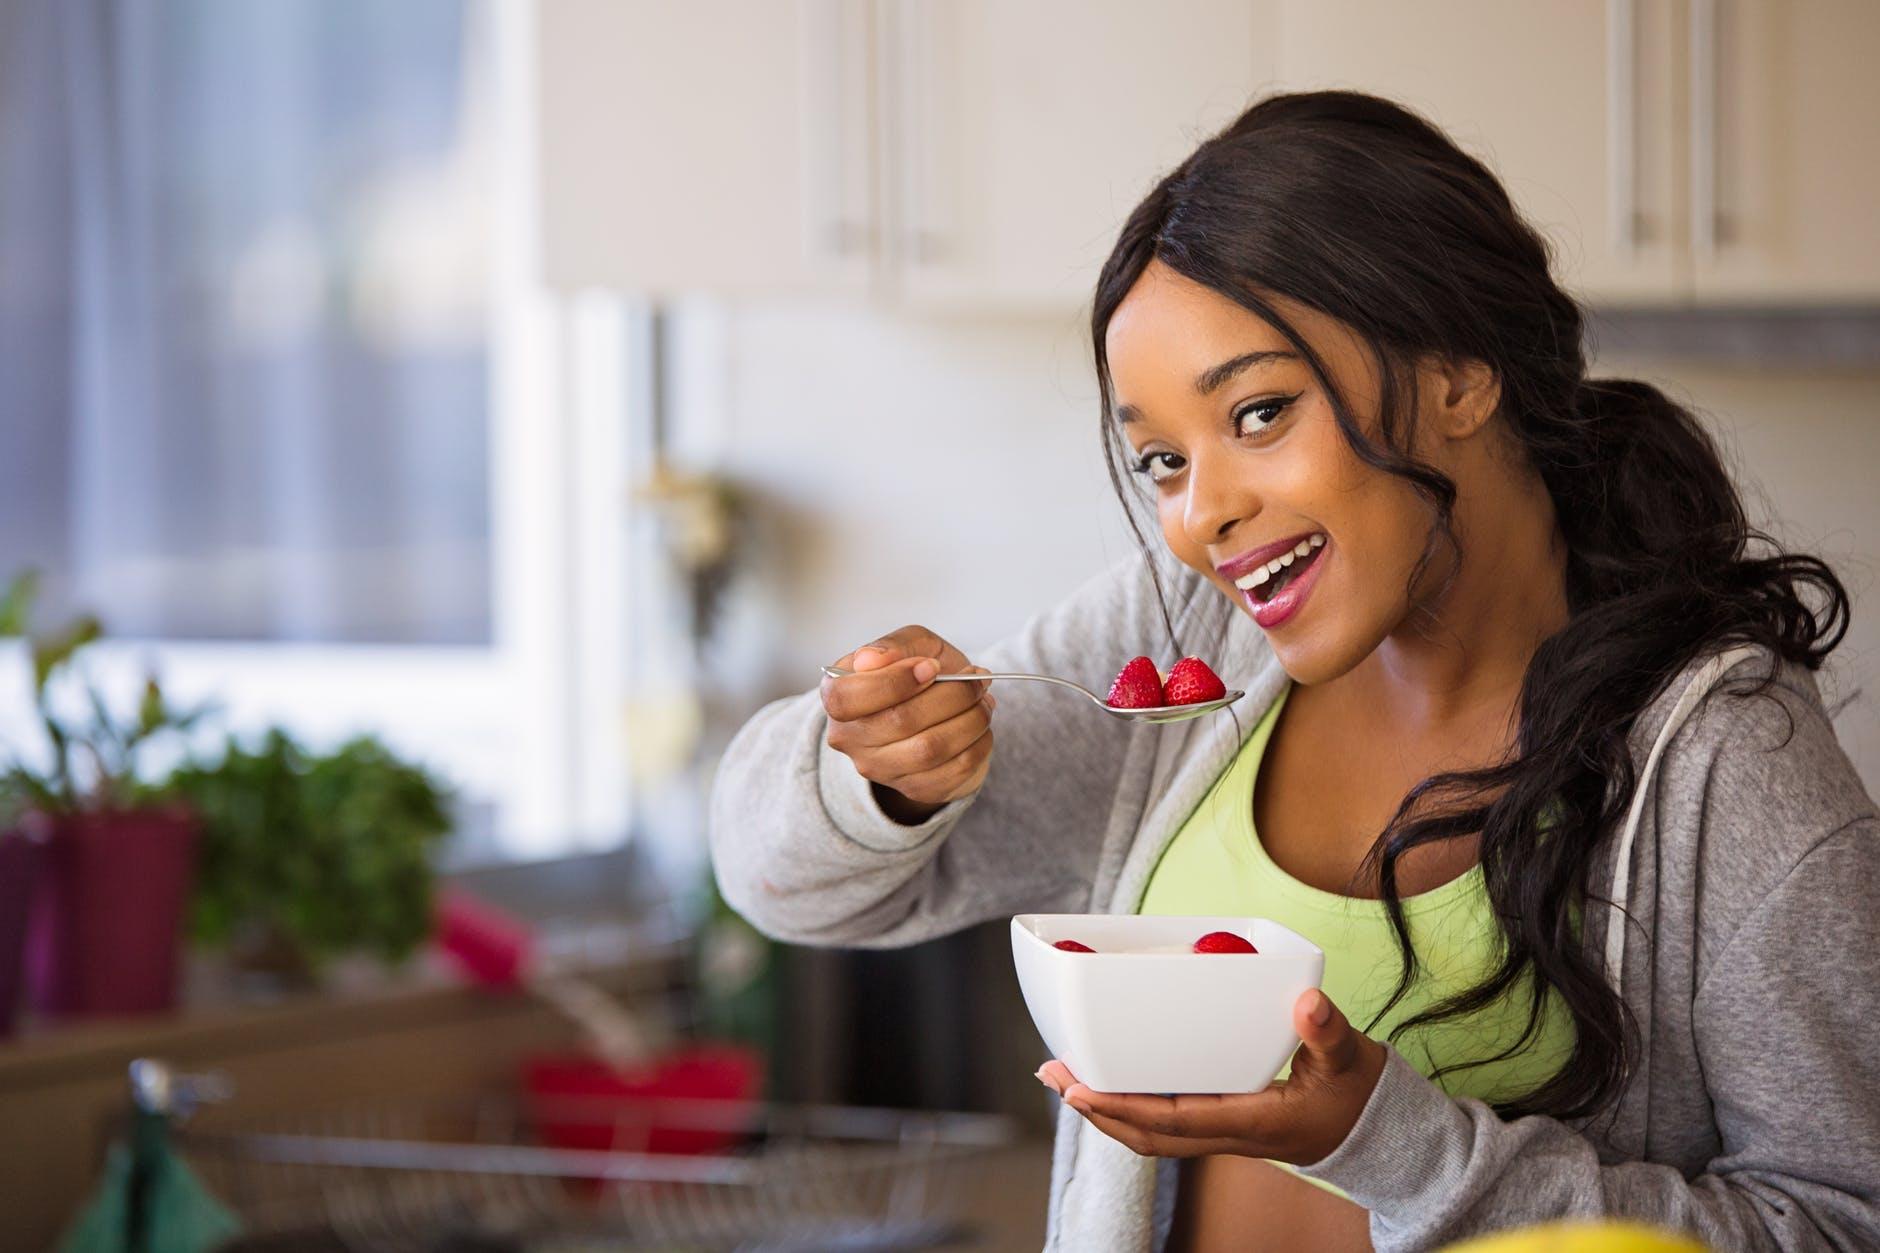 วิธีลดน้ำหนัก ลดความอ้วน ลดน้ำหนักง่ายๆ ด้วยตนเอง สูตรลดน้ำหนักด้วยไข่ต้ม